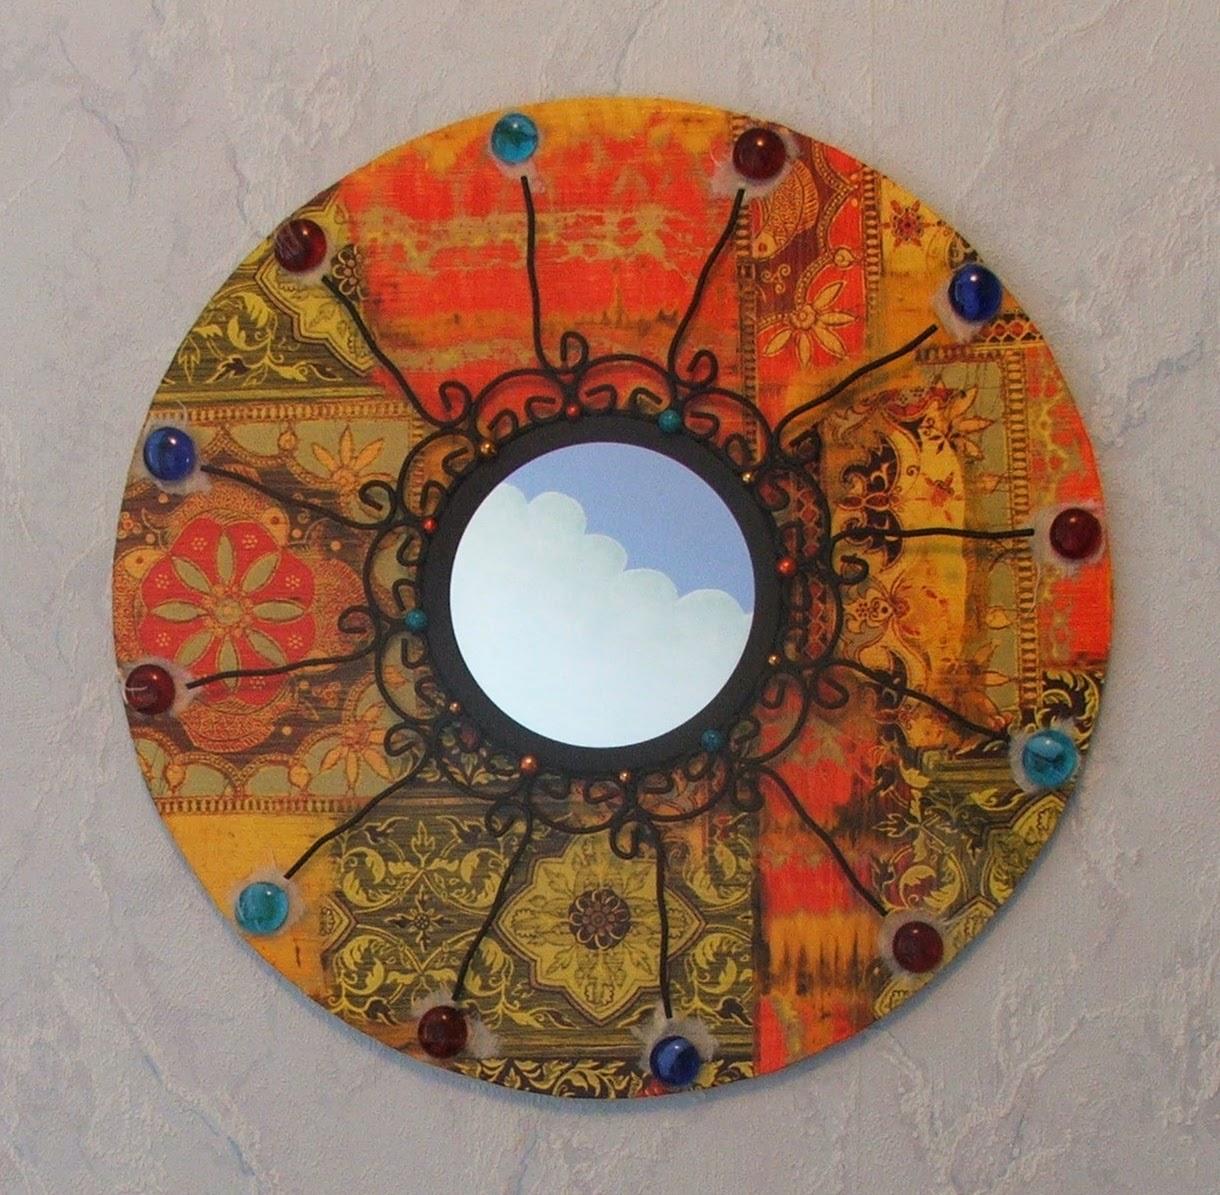 Miroirs et autres cr ations d 39 inspiration orientale mimi vermicelle cours art plastique et for Peinture sur fer forge